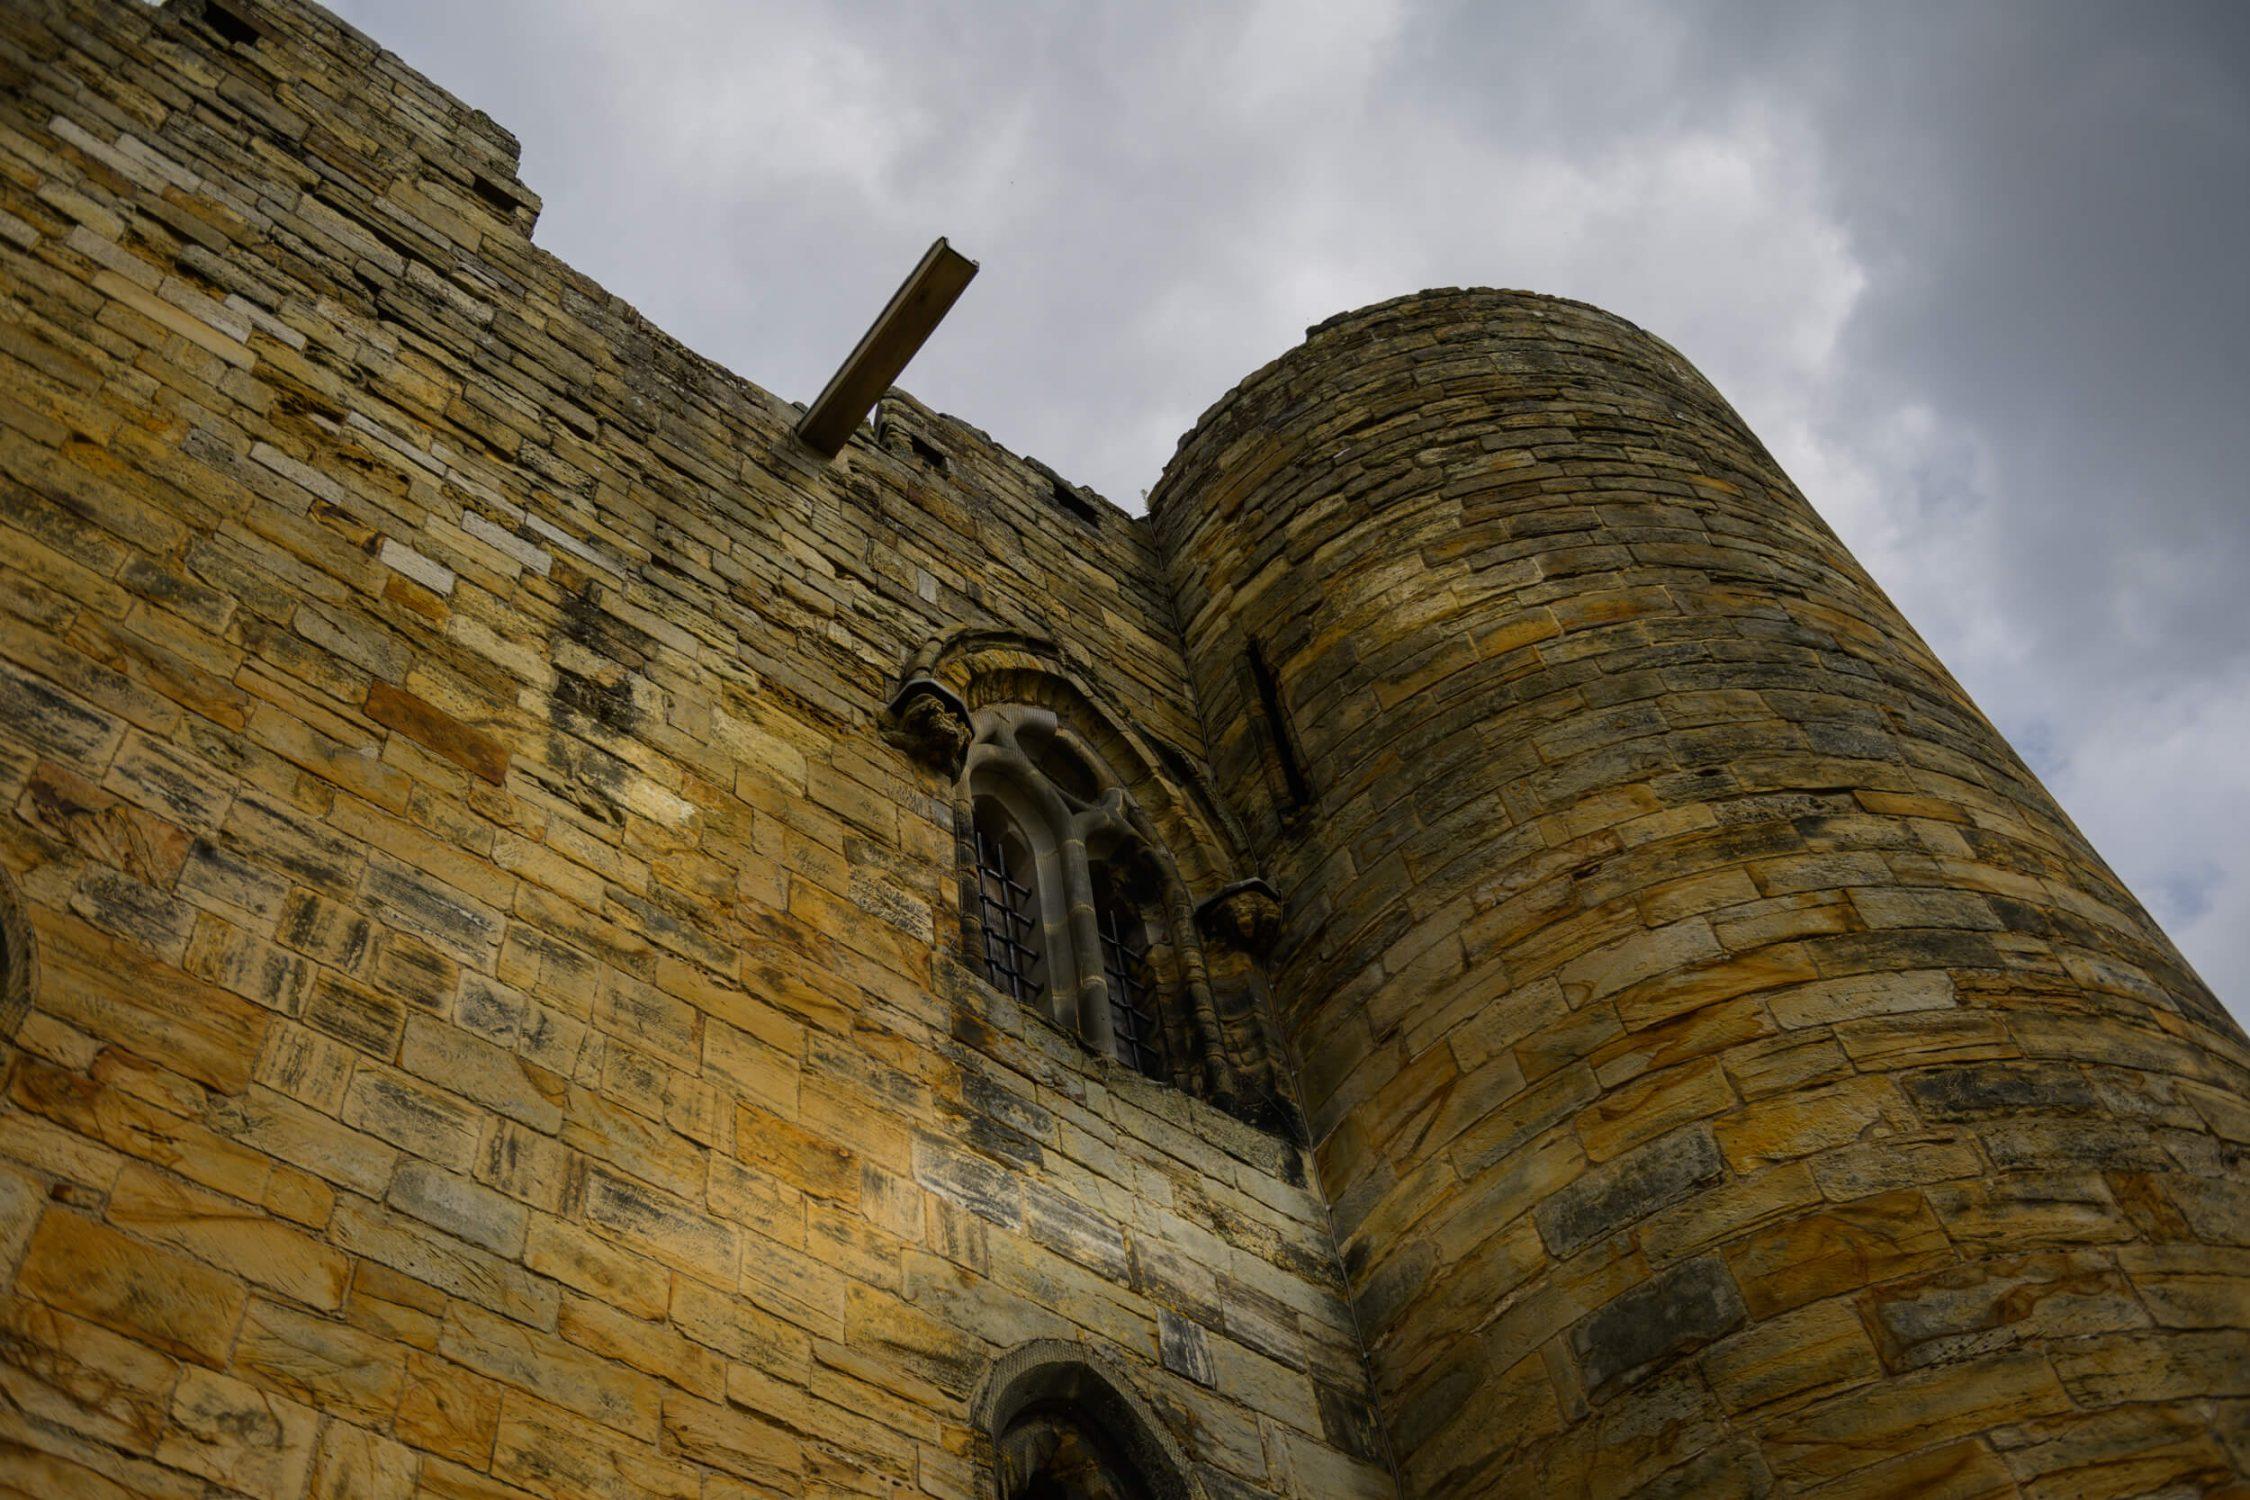 Castle ruins in Tonbridge, Kent